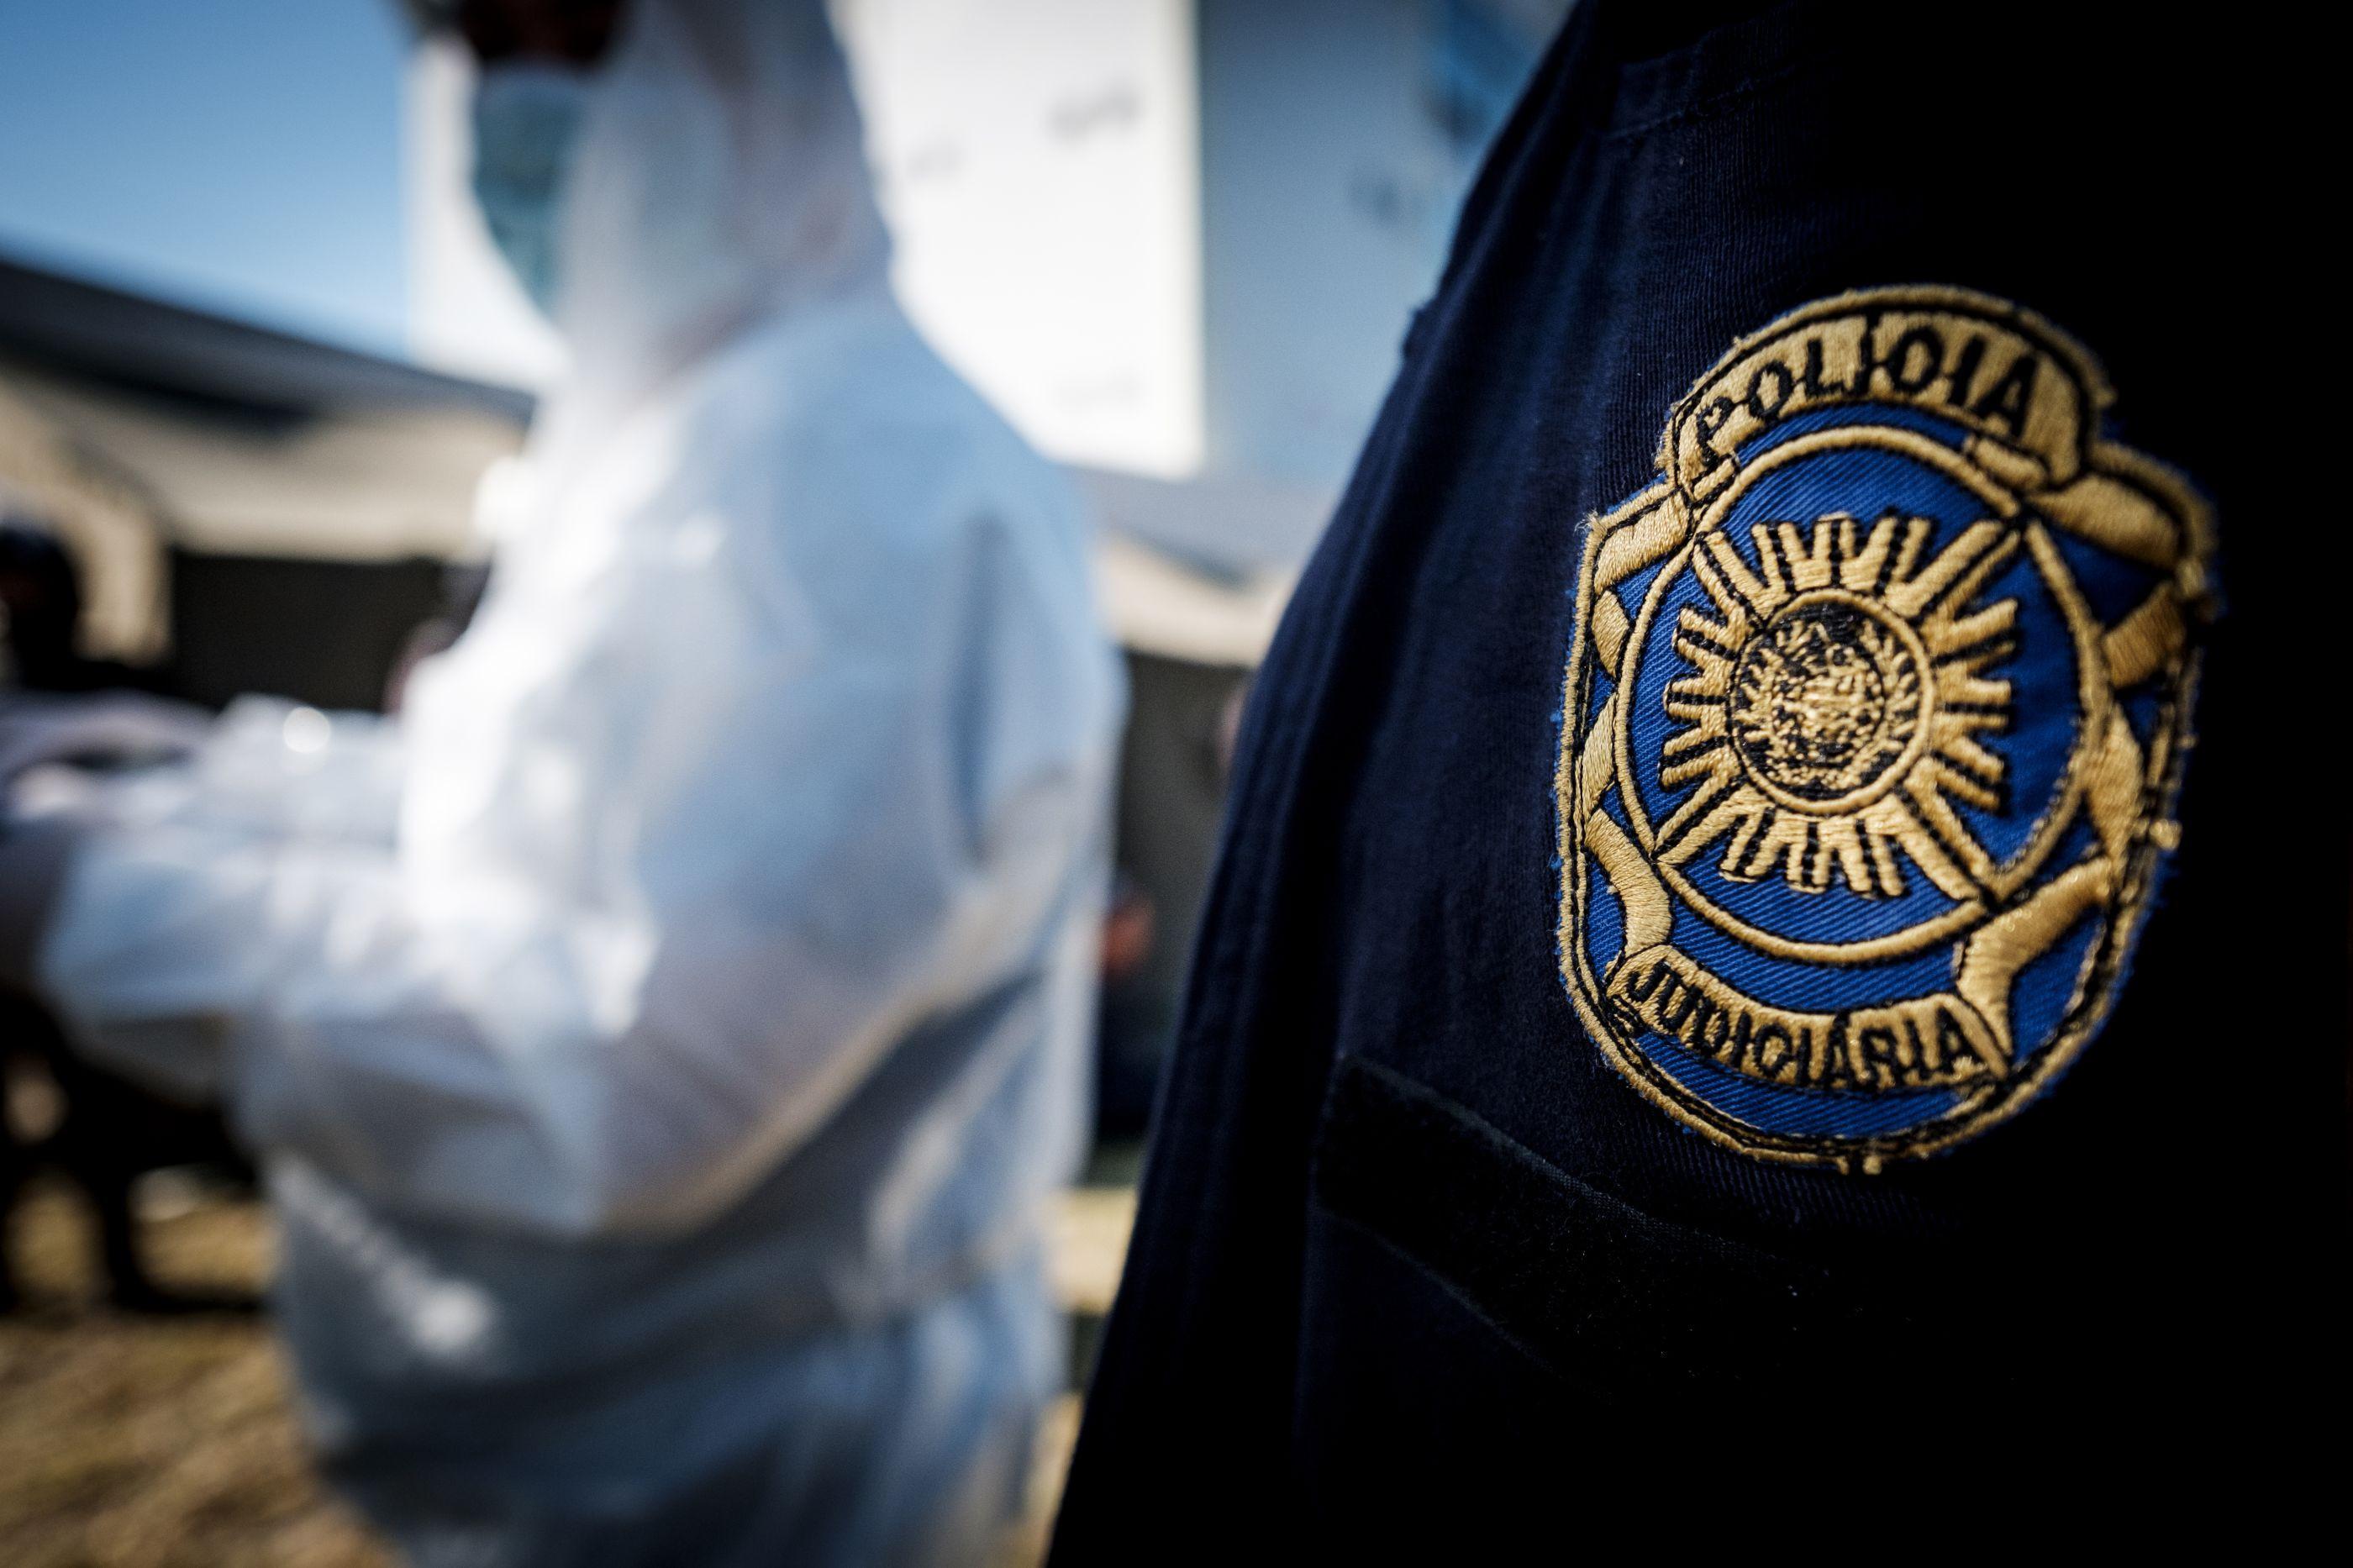 PJ investiga assaltos à mão armada em Santa Maria da Feira